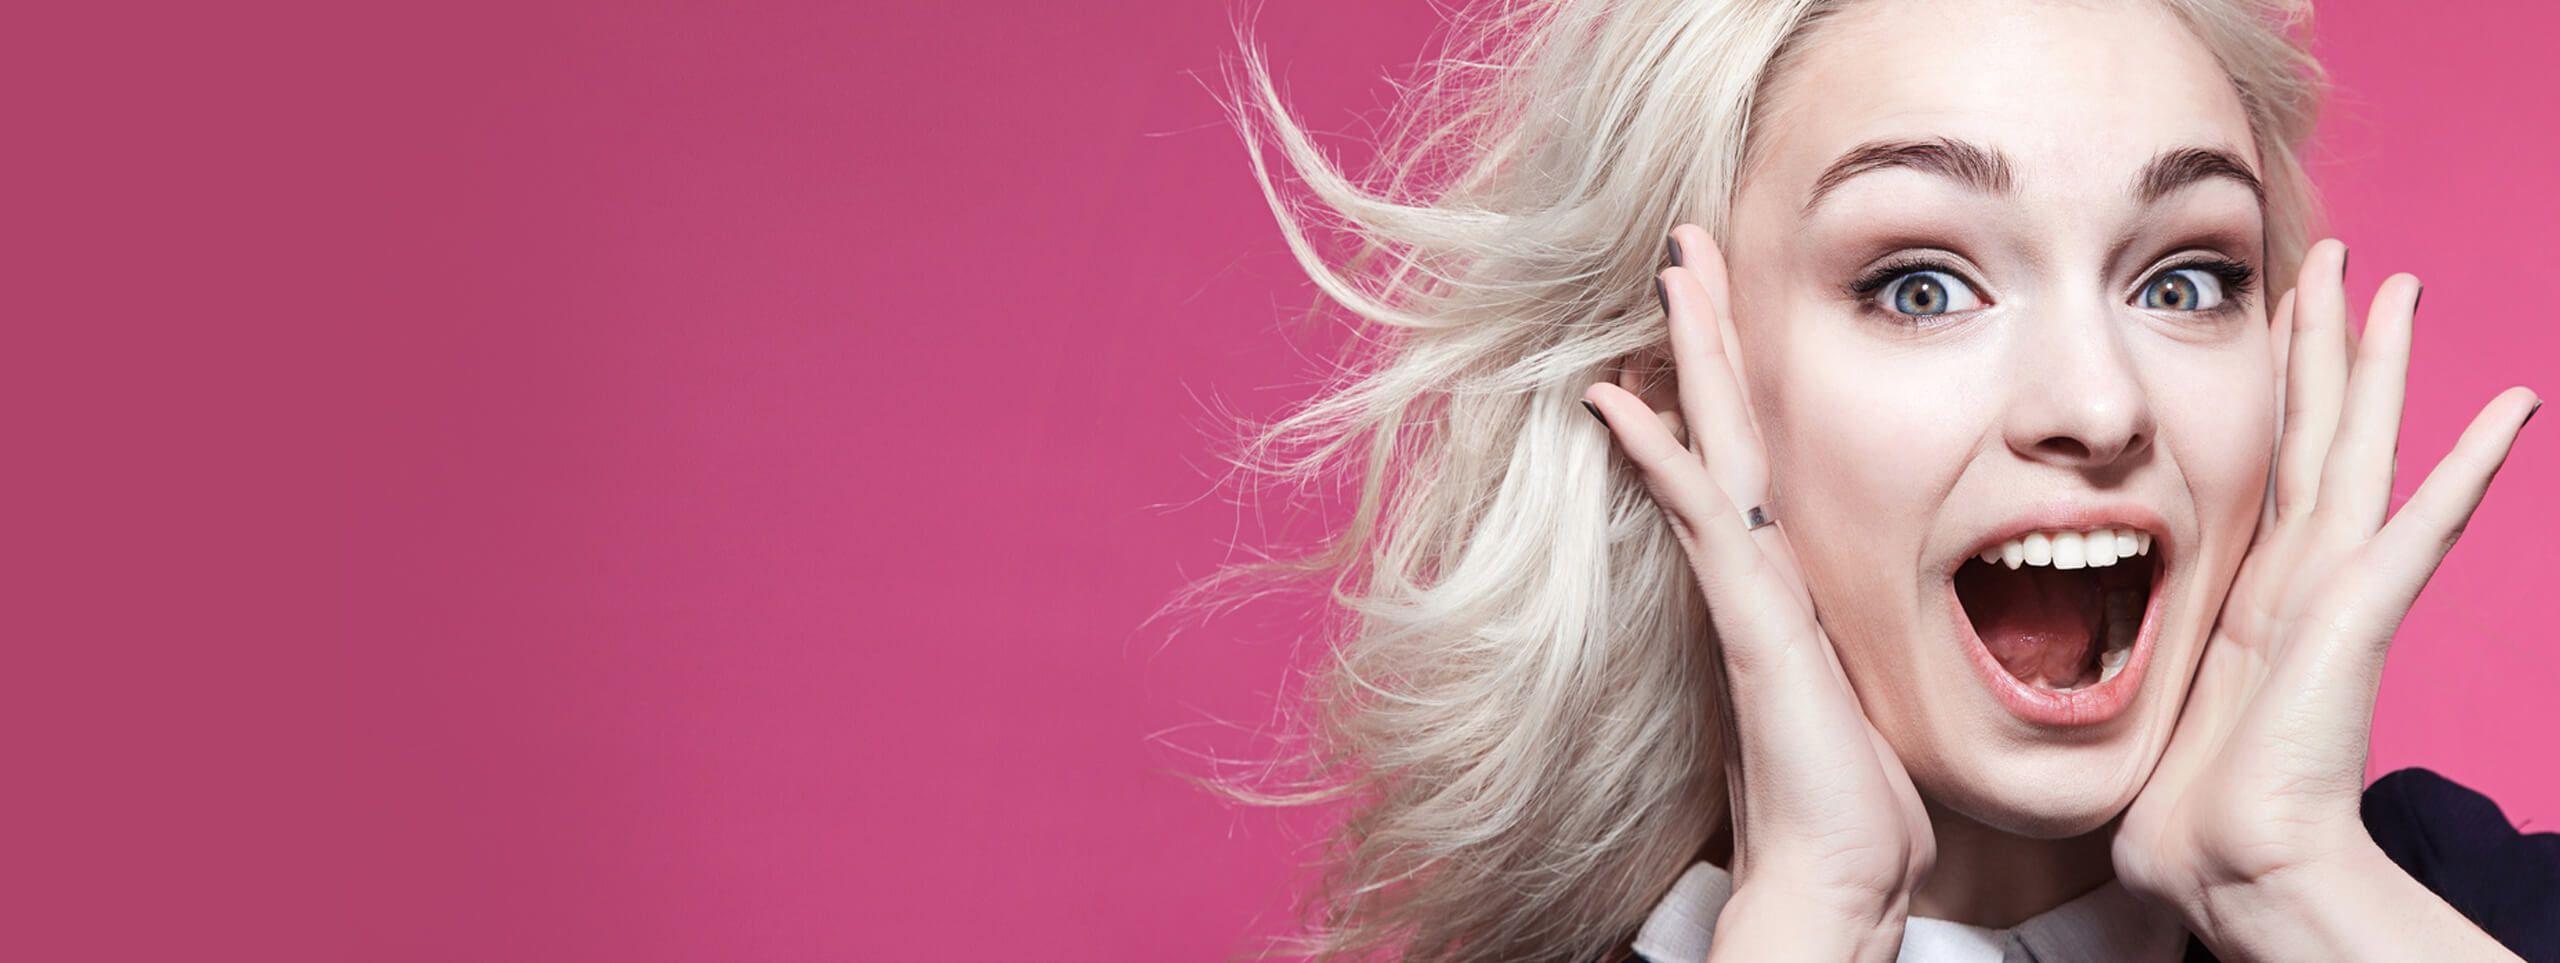 Kobieta z rozjaśniownymi włosami